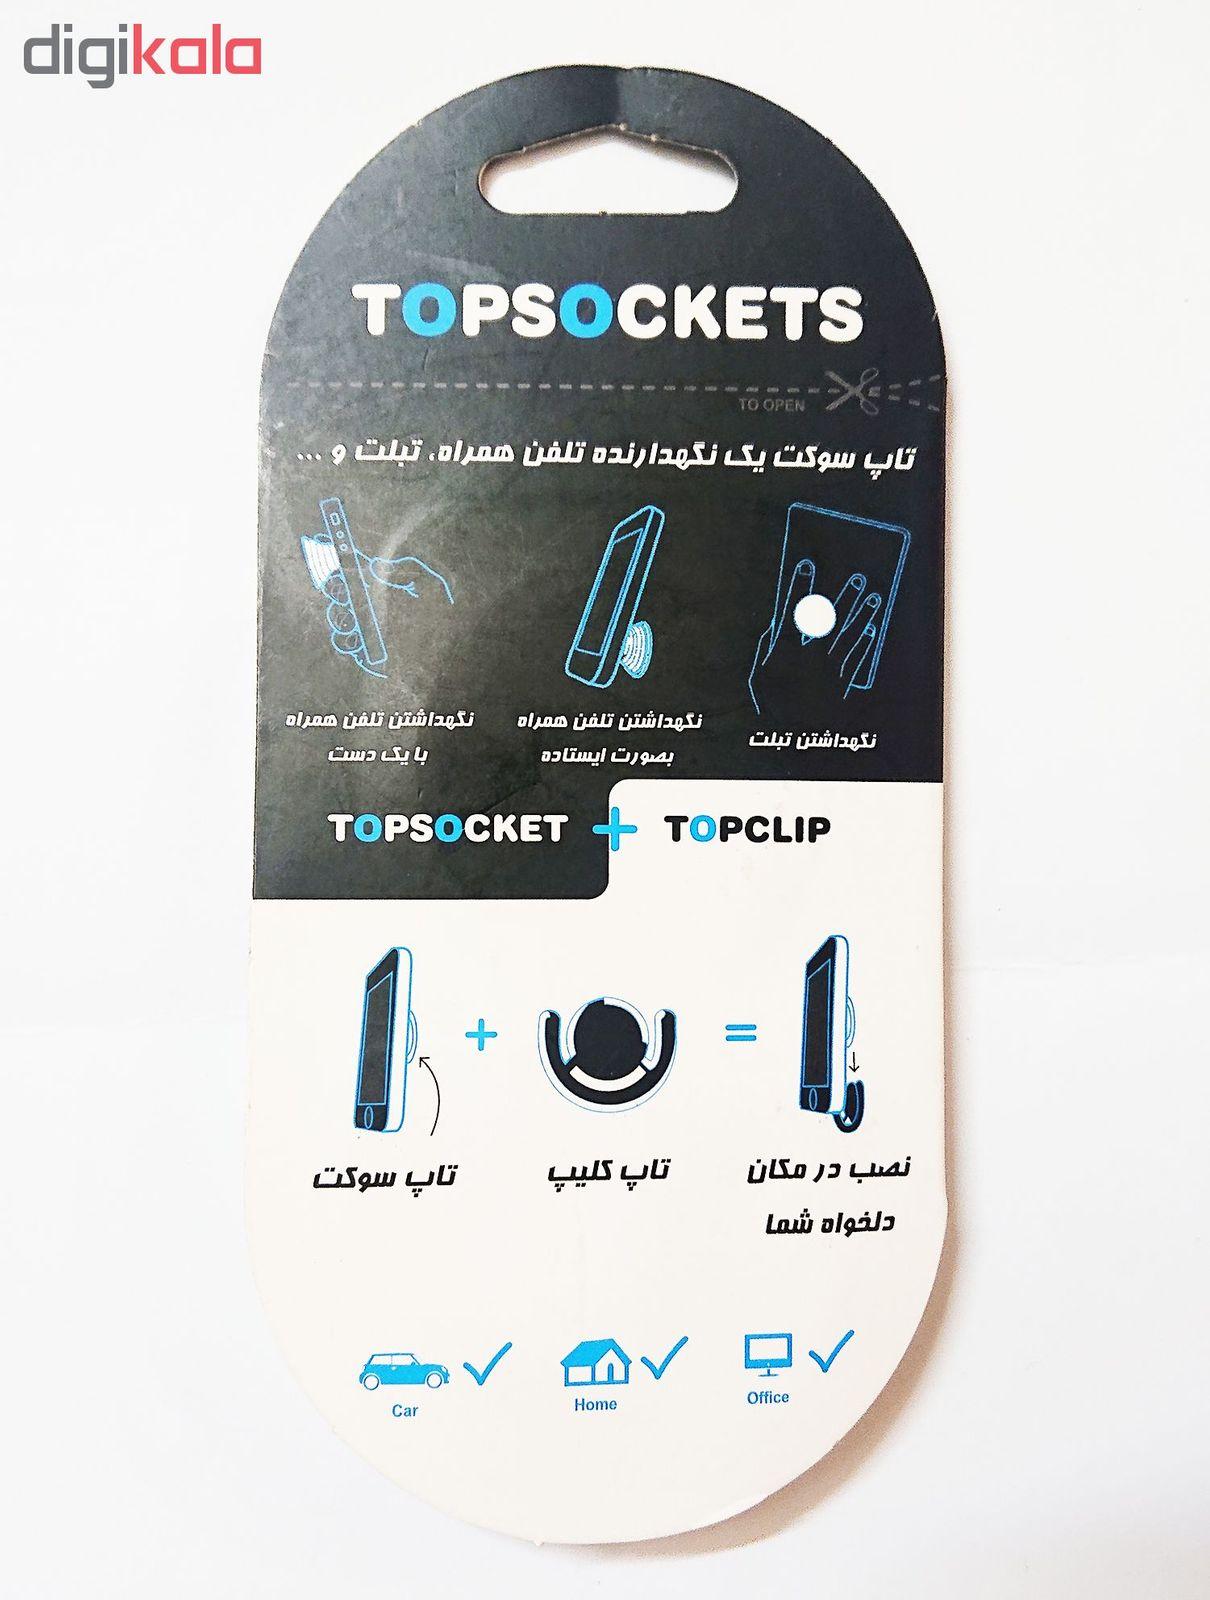 پایه نگهدارنده گوشی موبایل پاپ سوکت مدل تاپ سوکت 104 main 1 2